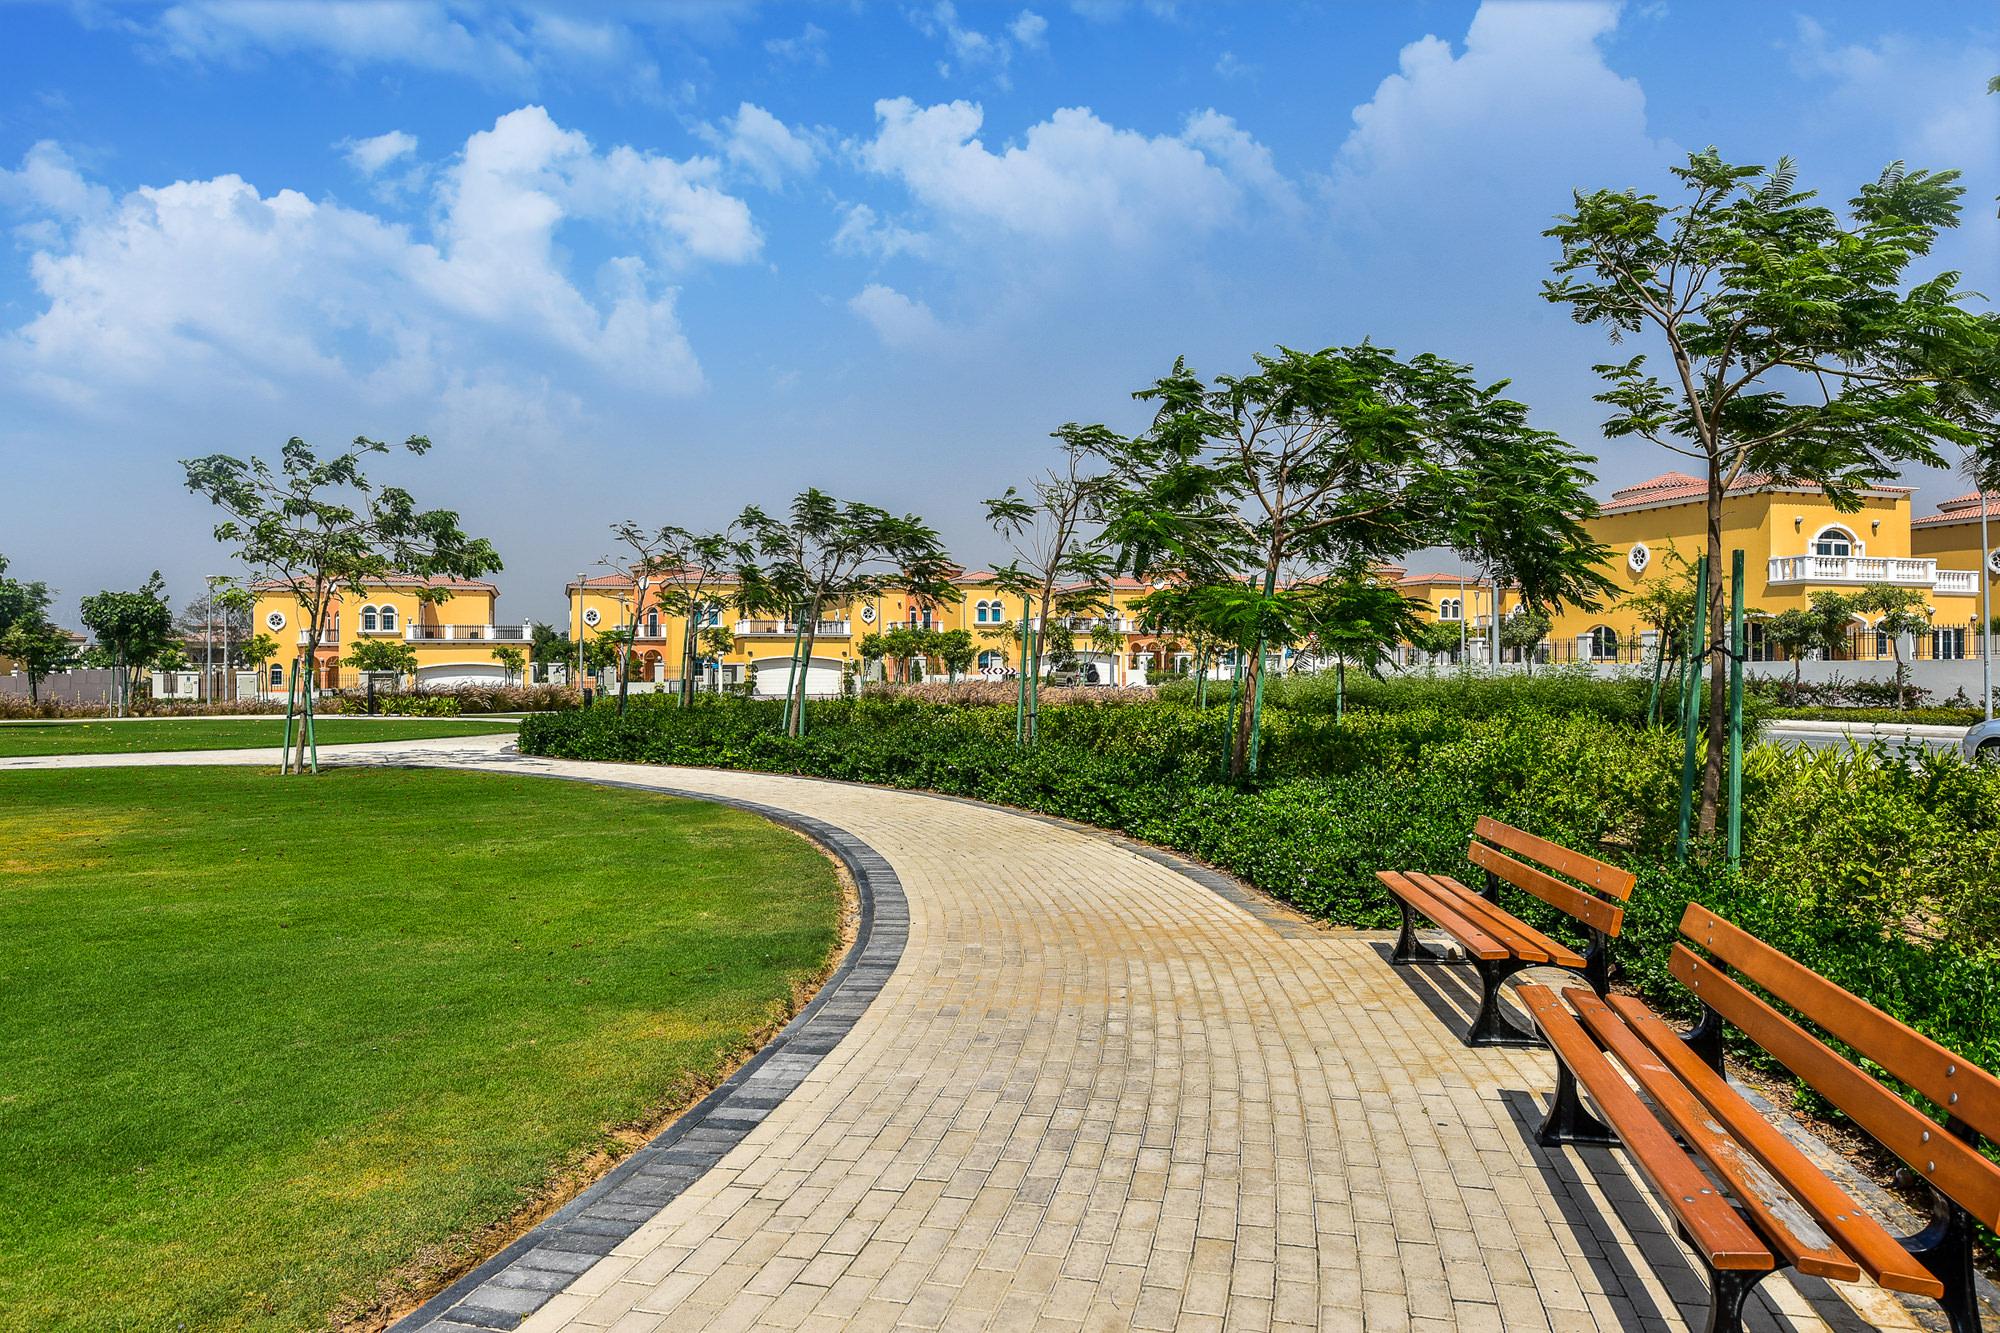 Jumeirah Park